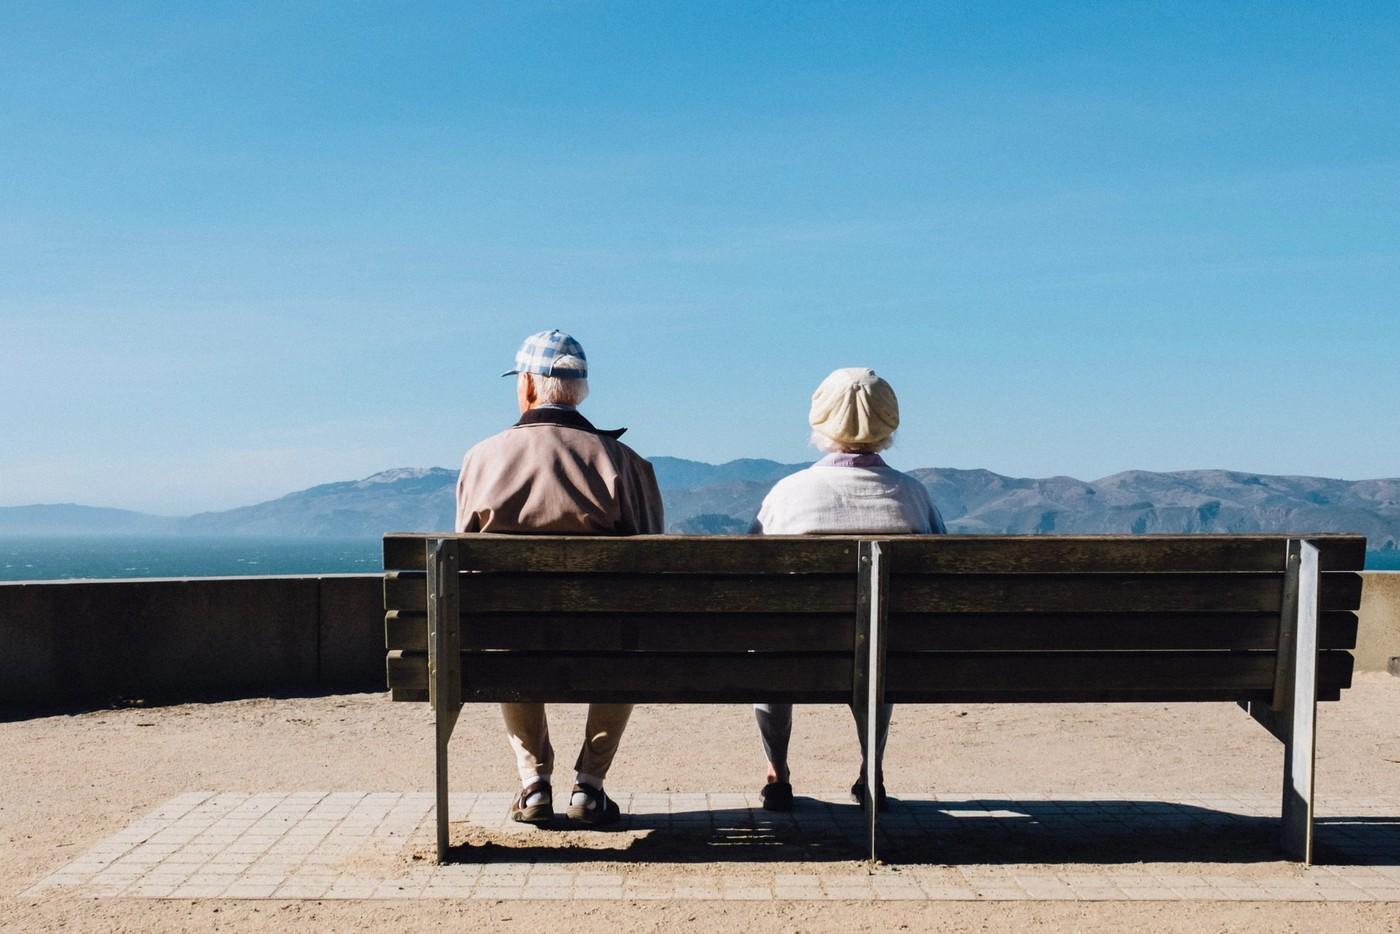 Deux personnes à la retraite sur un banc